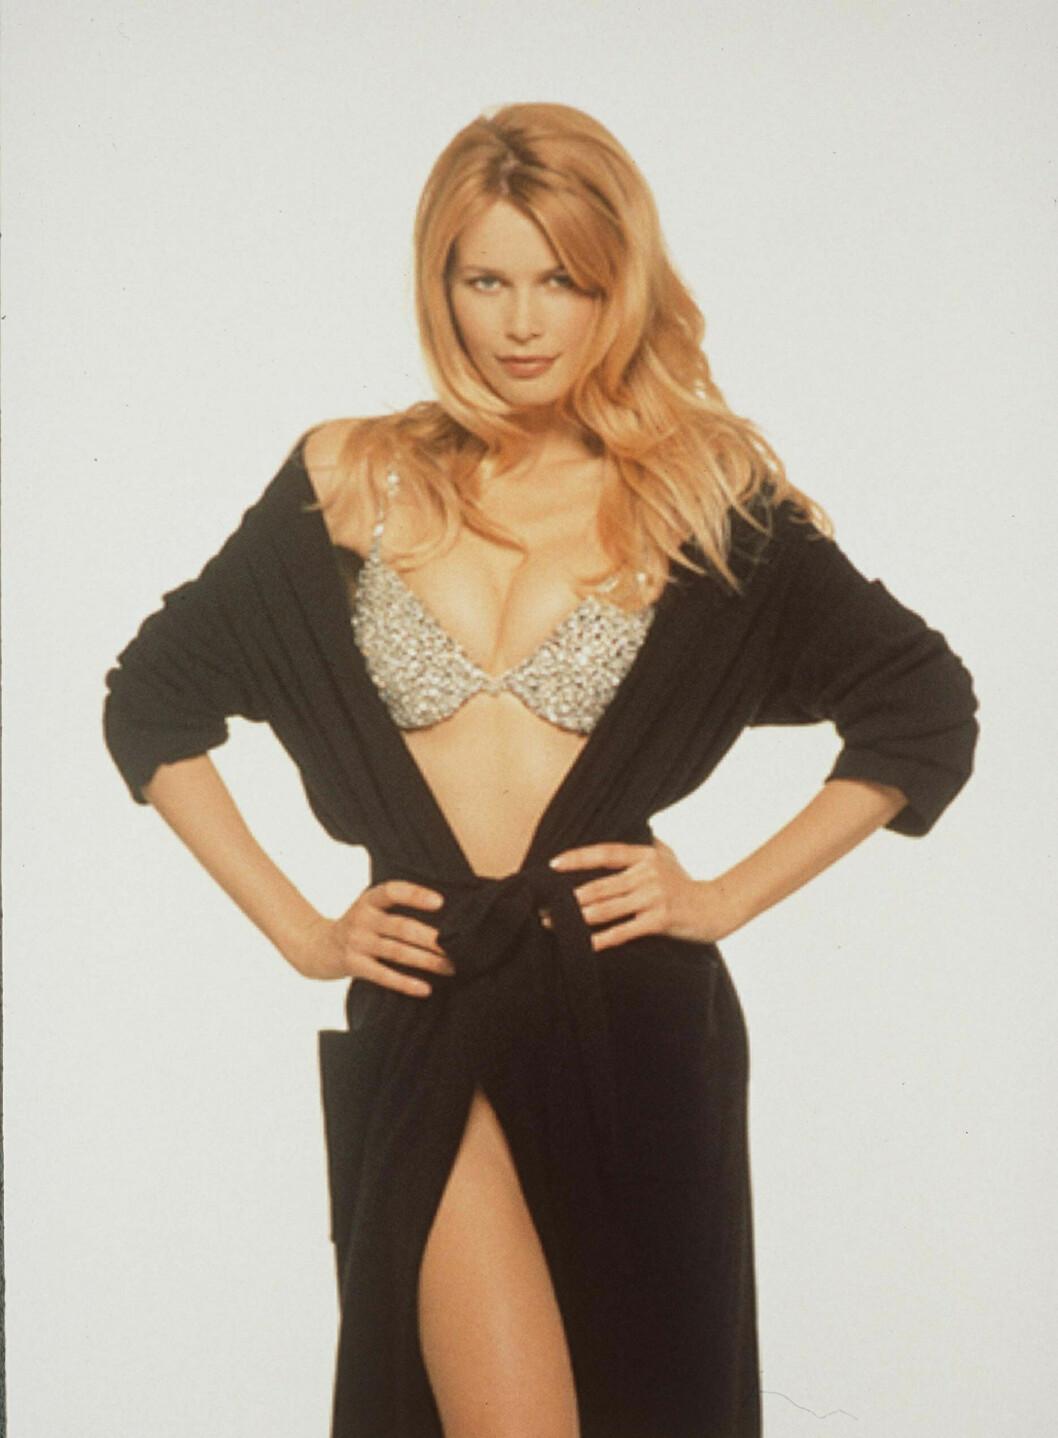 OPPDAGET I 1987: Claudia ble oppdaget på en nattklubb i 1987.  Foto: Splash/ All Over Press